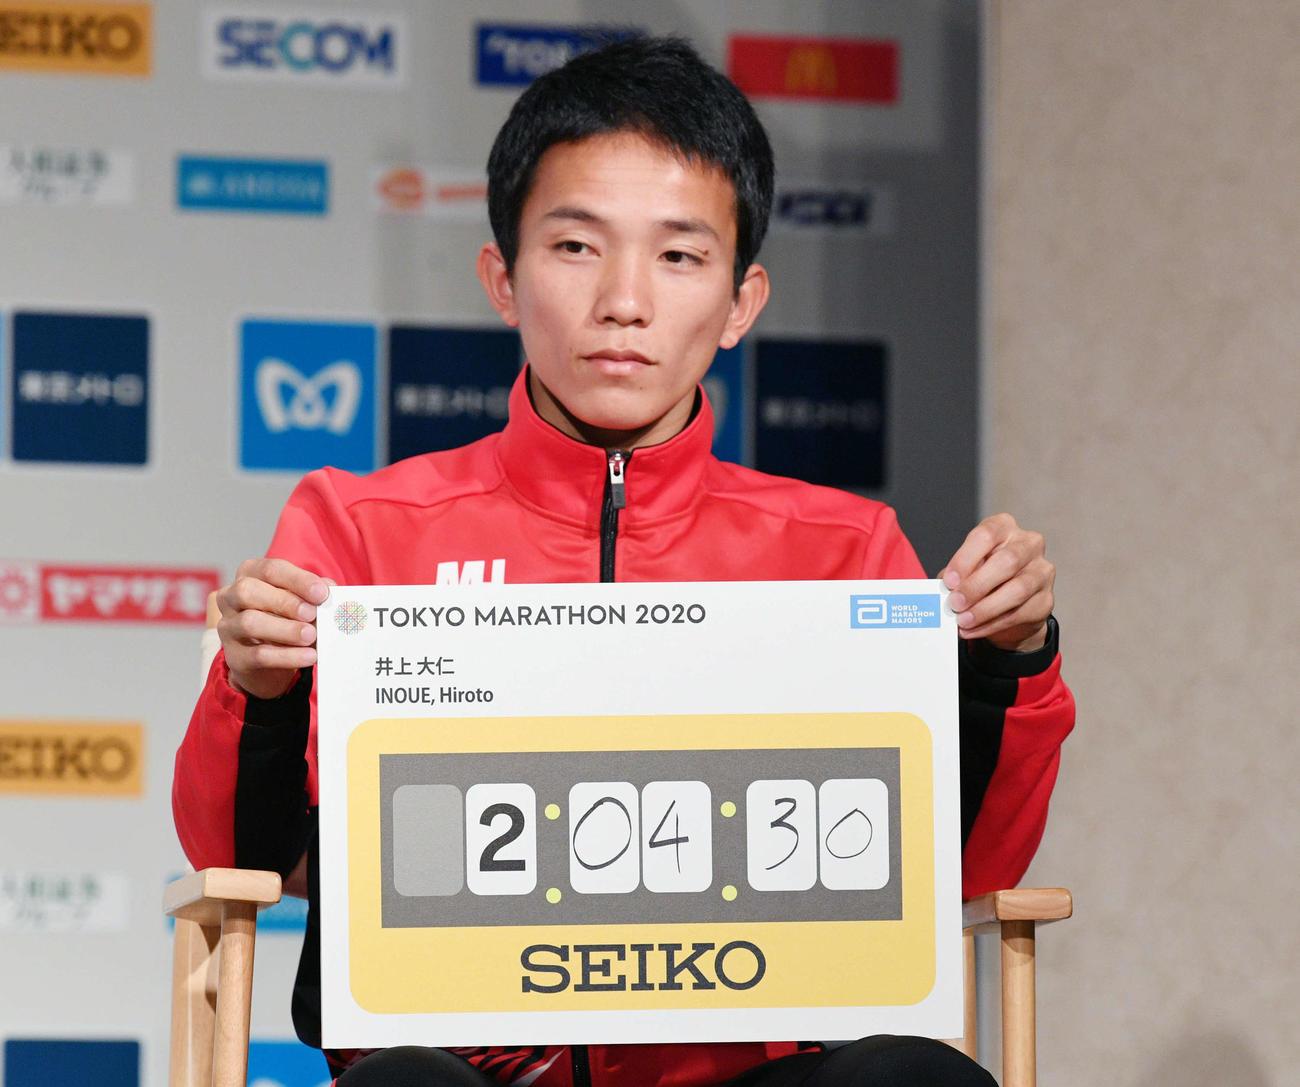 東京マラソン2020 プレスカンファレンスで目標記録を記したパネルを手にする井上(撮影・滝沢徹郎)